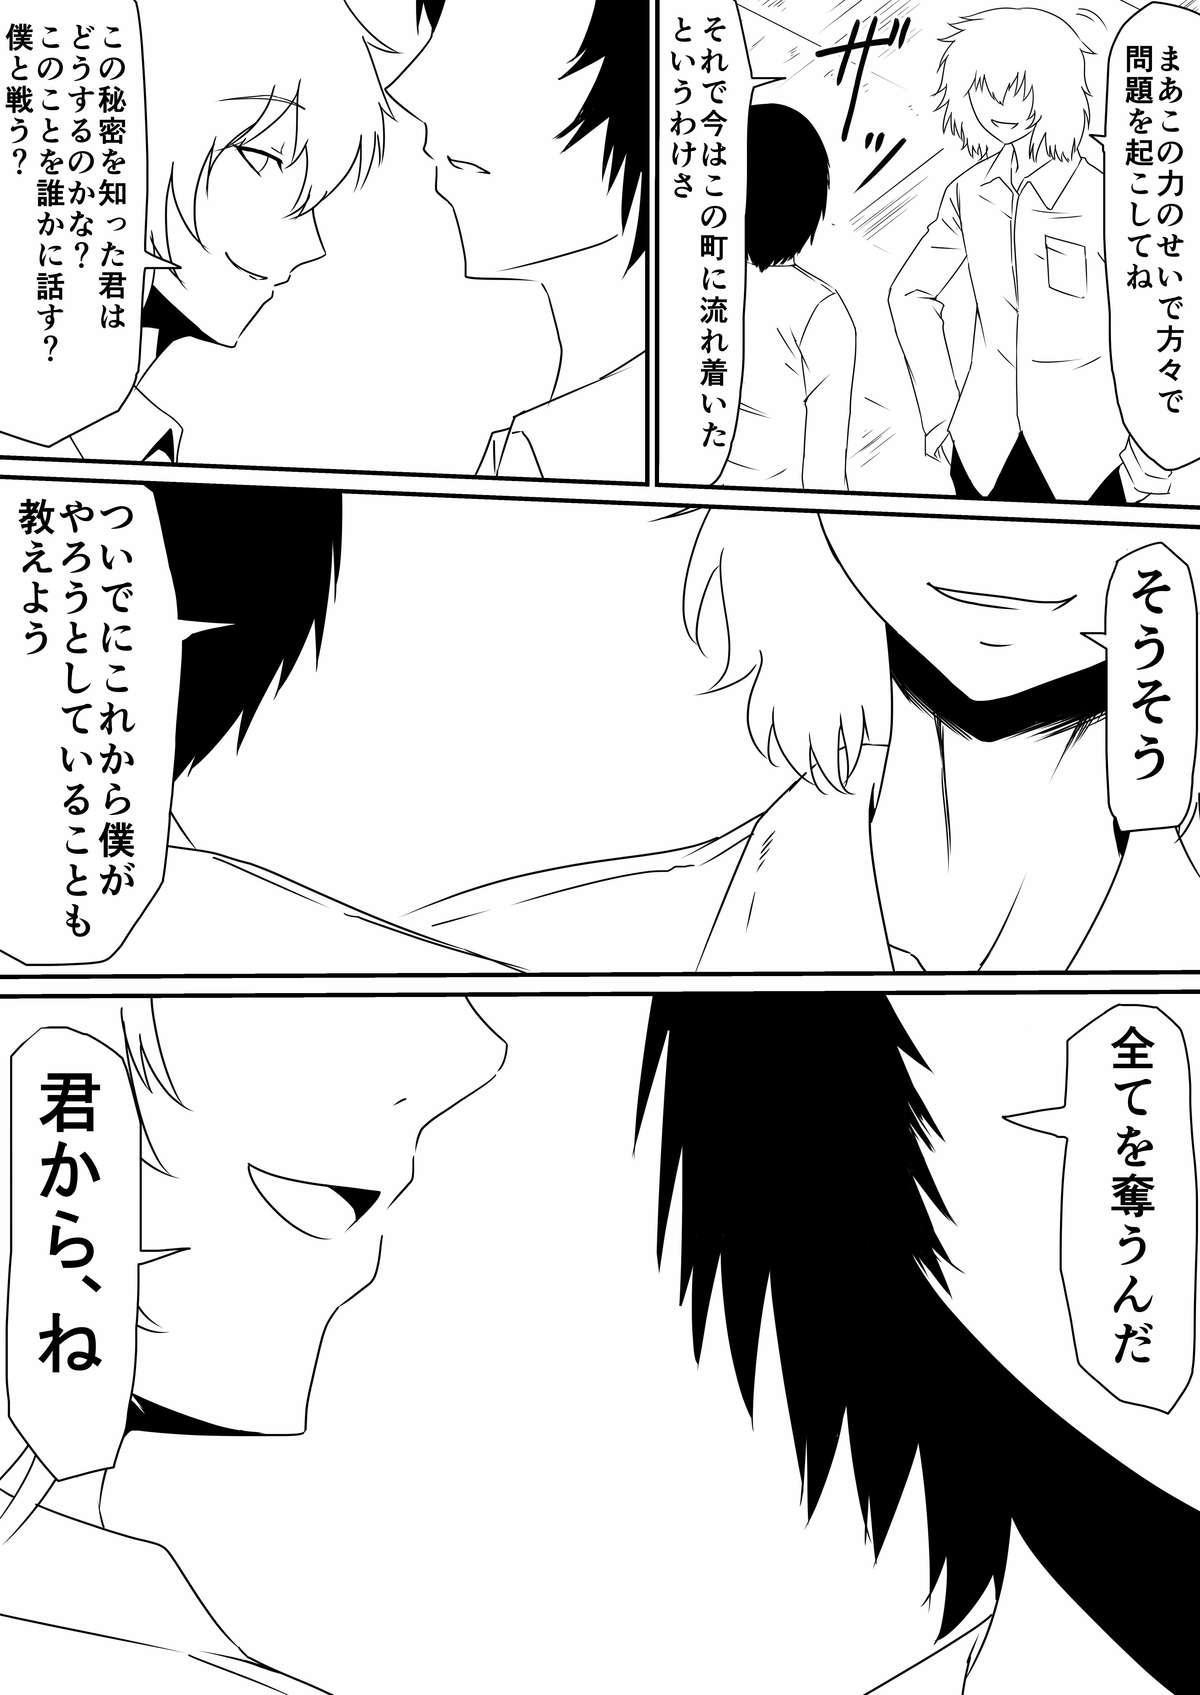 [Mikezoutei] Mashou no Chinko o Motsu Shounen ~Kare no Dankon wa Josei o Mesu e to Kaeru~ Zenpen 32